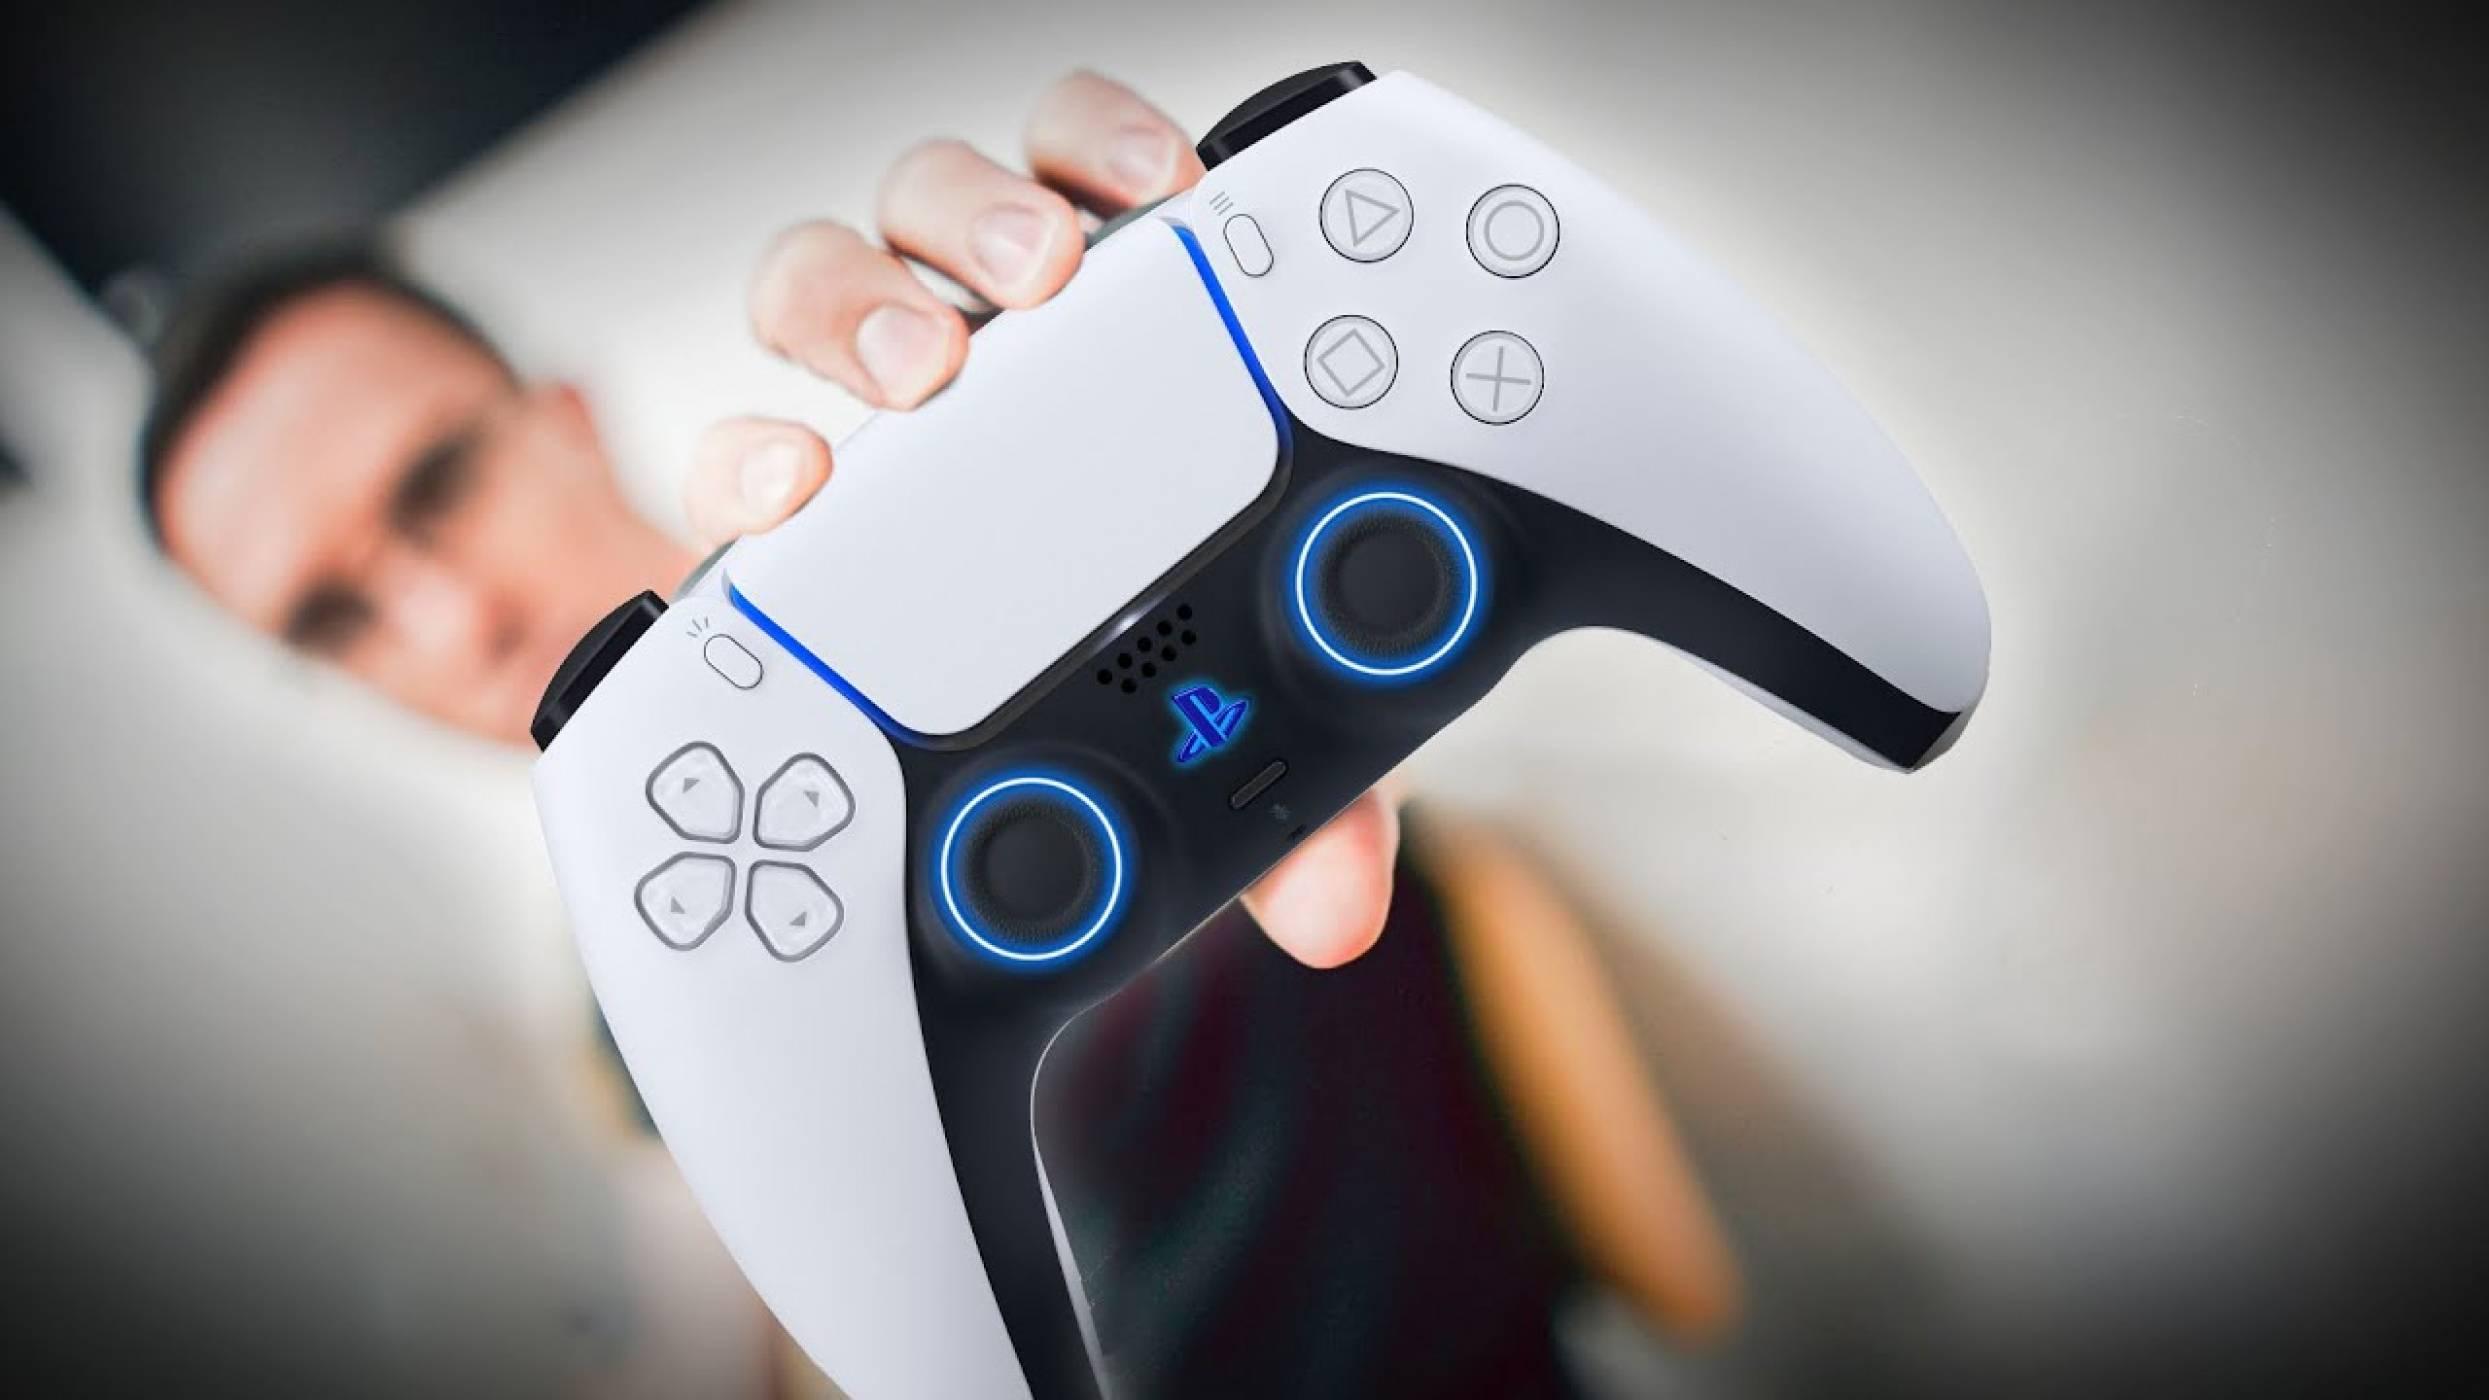 PlayStation 5 е шедьовър на инженерния дизайн (ВИДЕО)